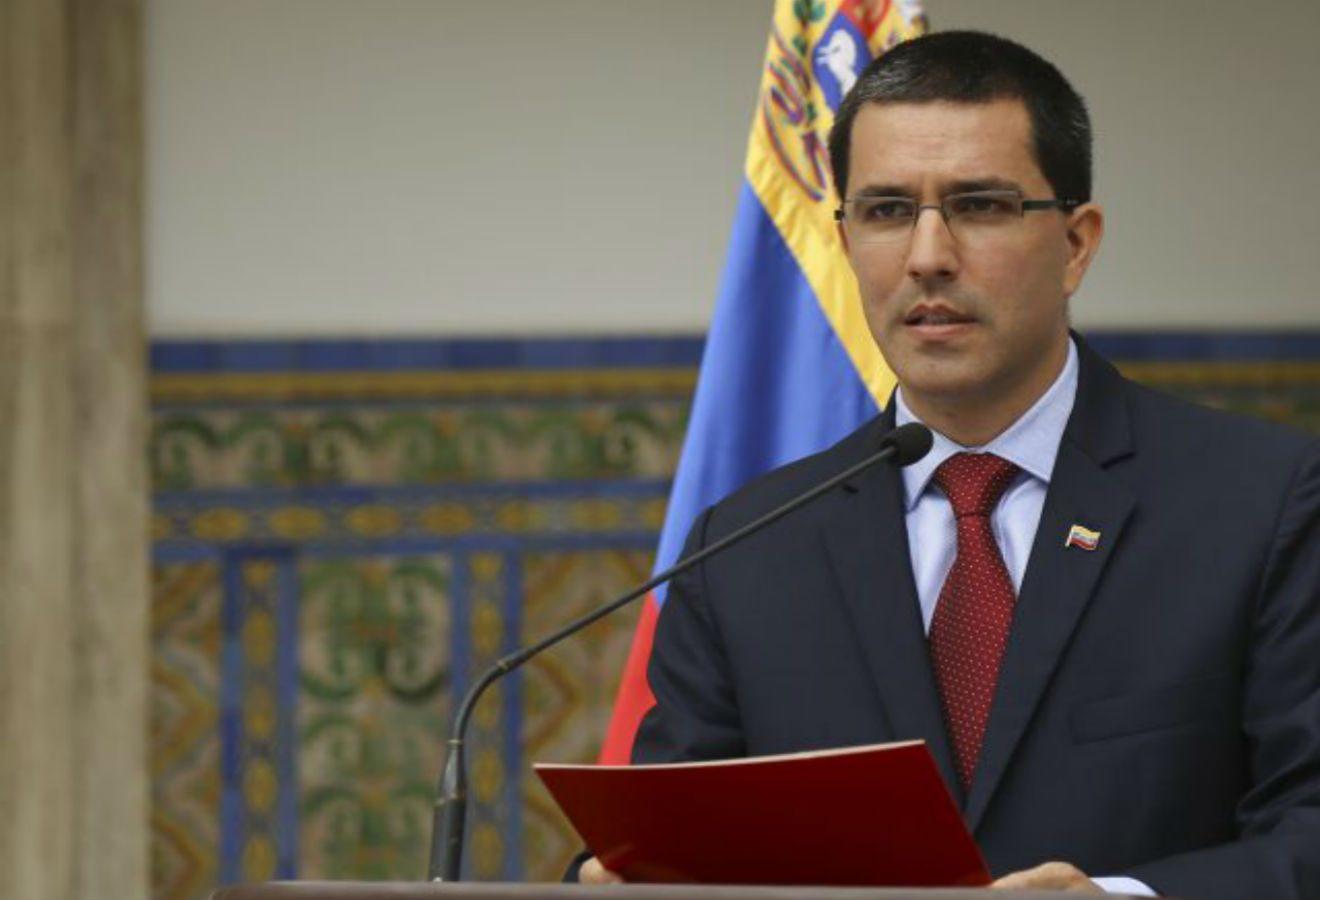 Canciller venezolano afirma que su país fortaleció su independencia en elecciones del domingo